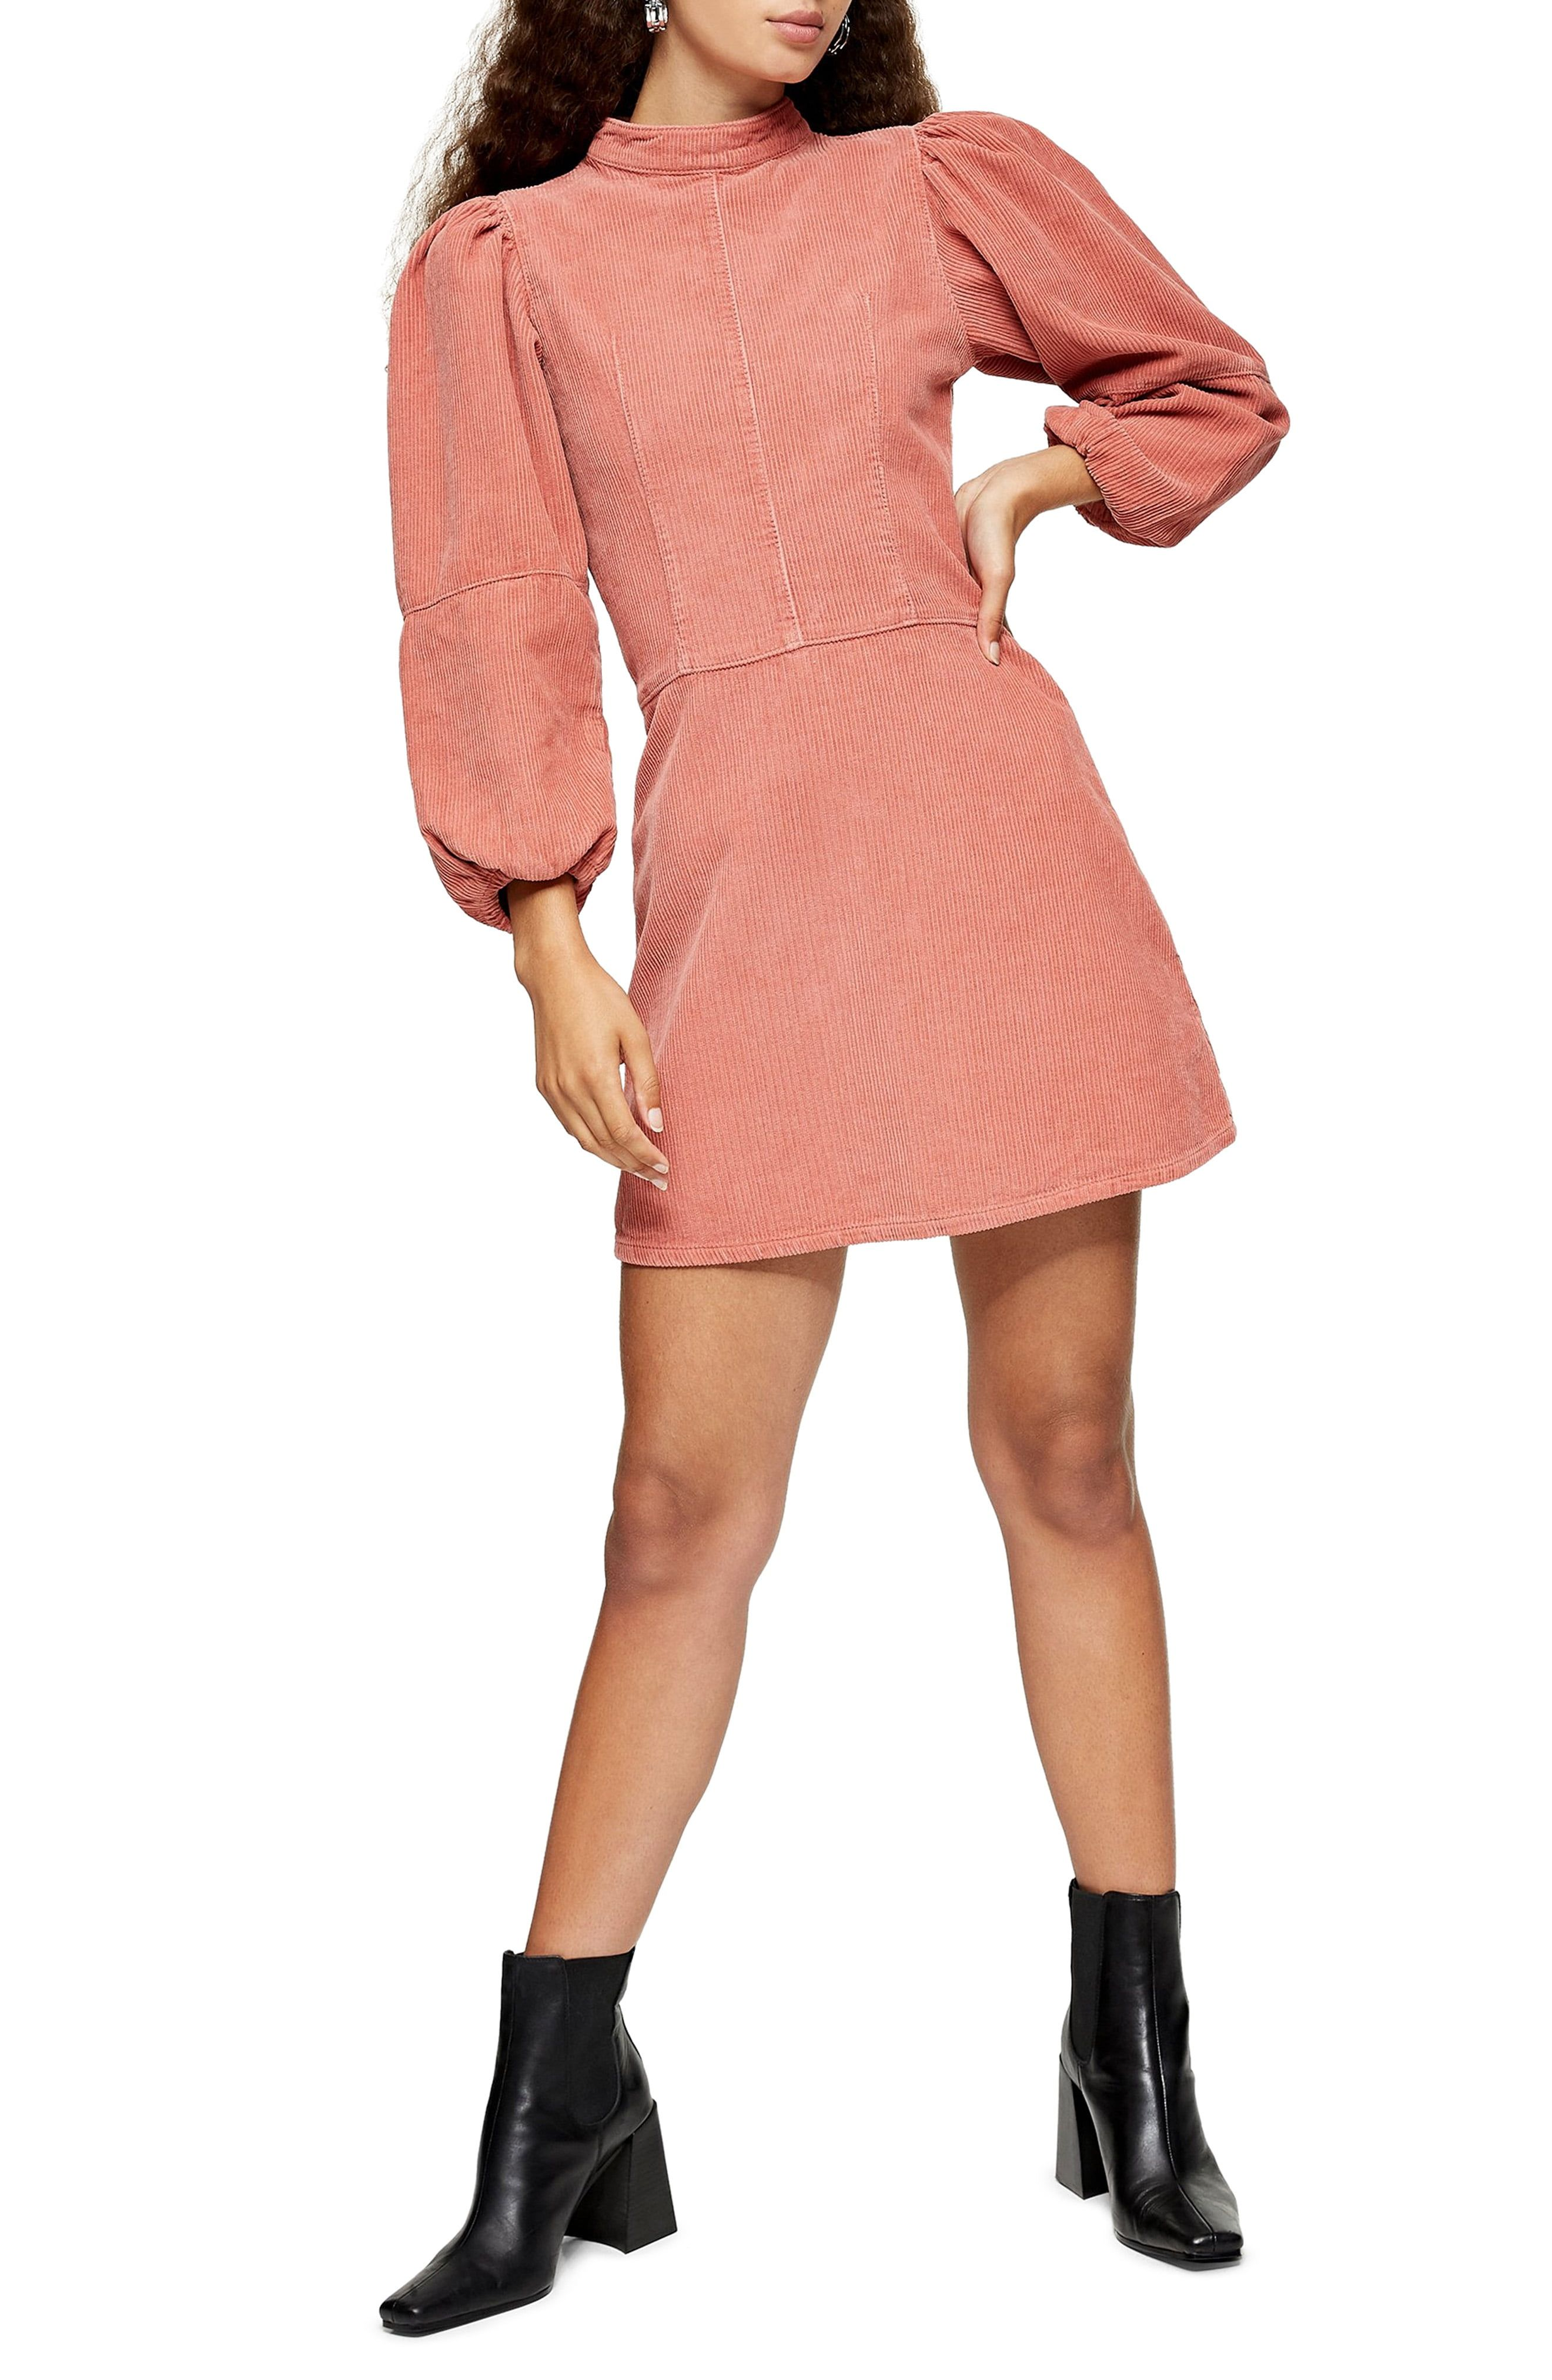 Topshop Long Sleeve Corduroy Babydoll Minidress Nordstrom Mini Dress Balloon Sleeve Dress Clothes For Women [ 4048 x 2640 Pixel ]